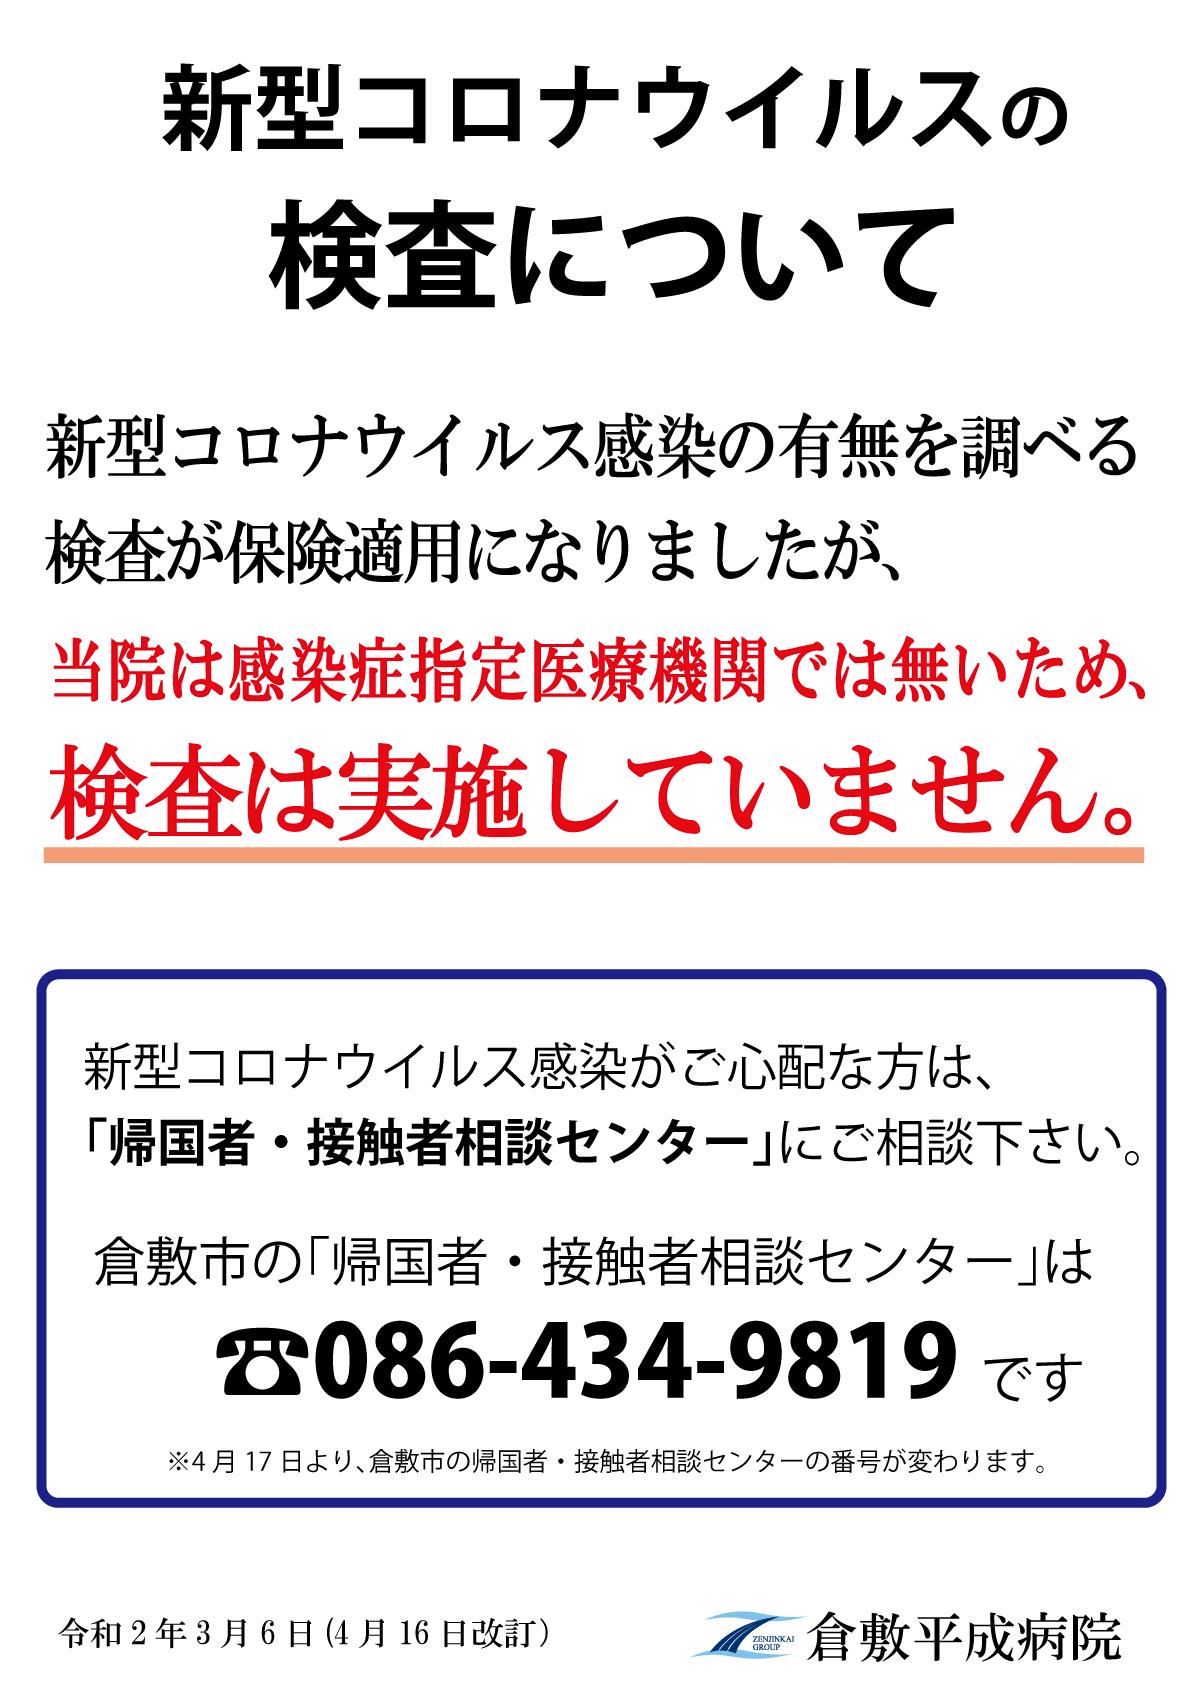 コロナ 倉敷 感染 市 新型コロナウイルス感染症関連情報/倉敷市